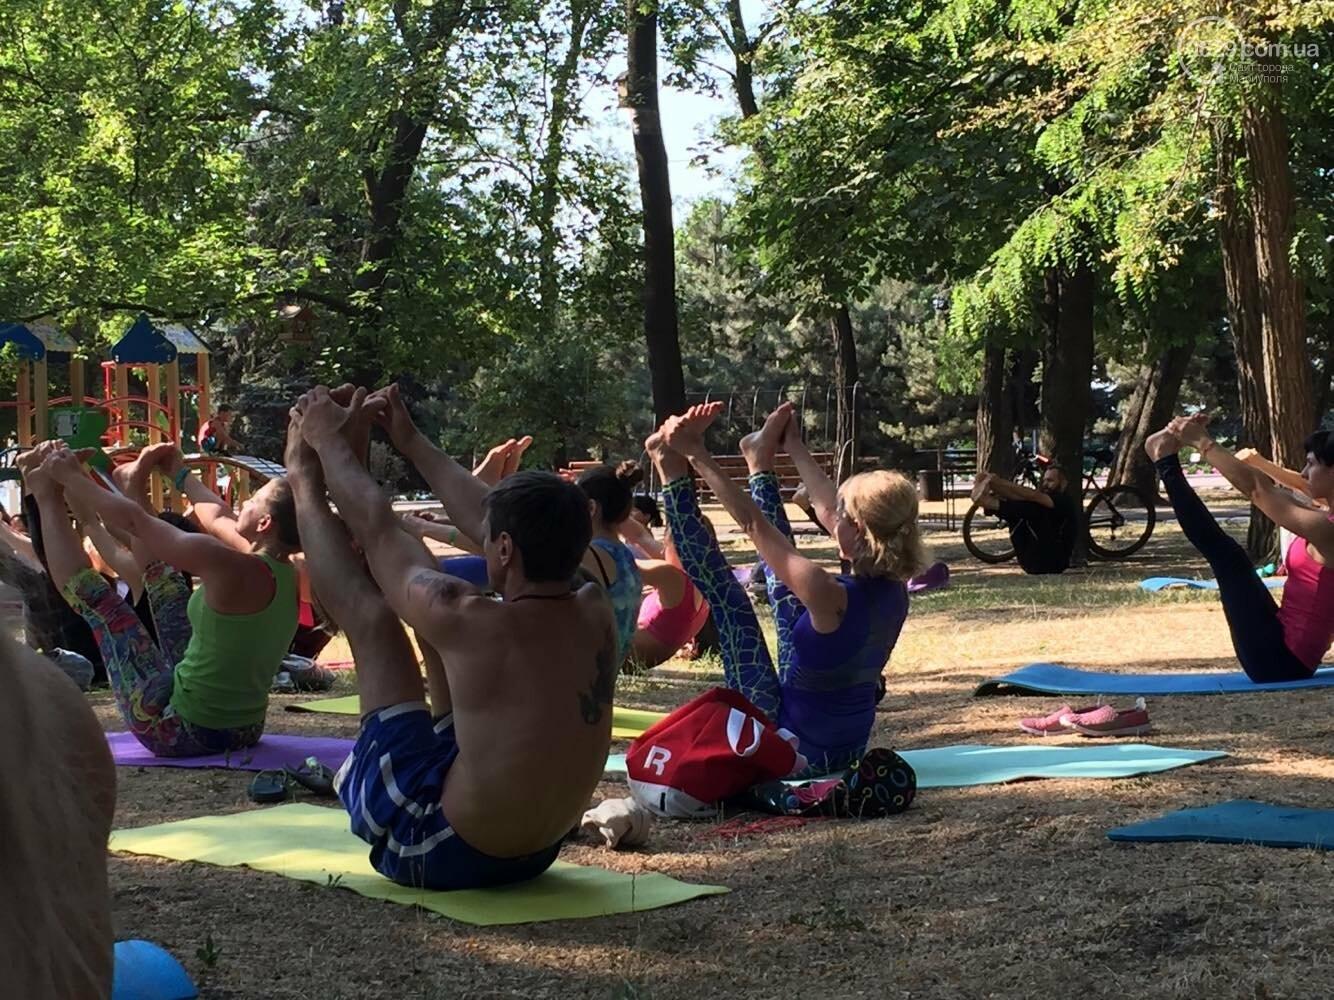 В Мариуполе отпраздновали Международный День йоги, - ФОТО, ВИДЕО, фото-6